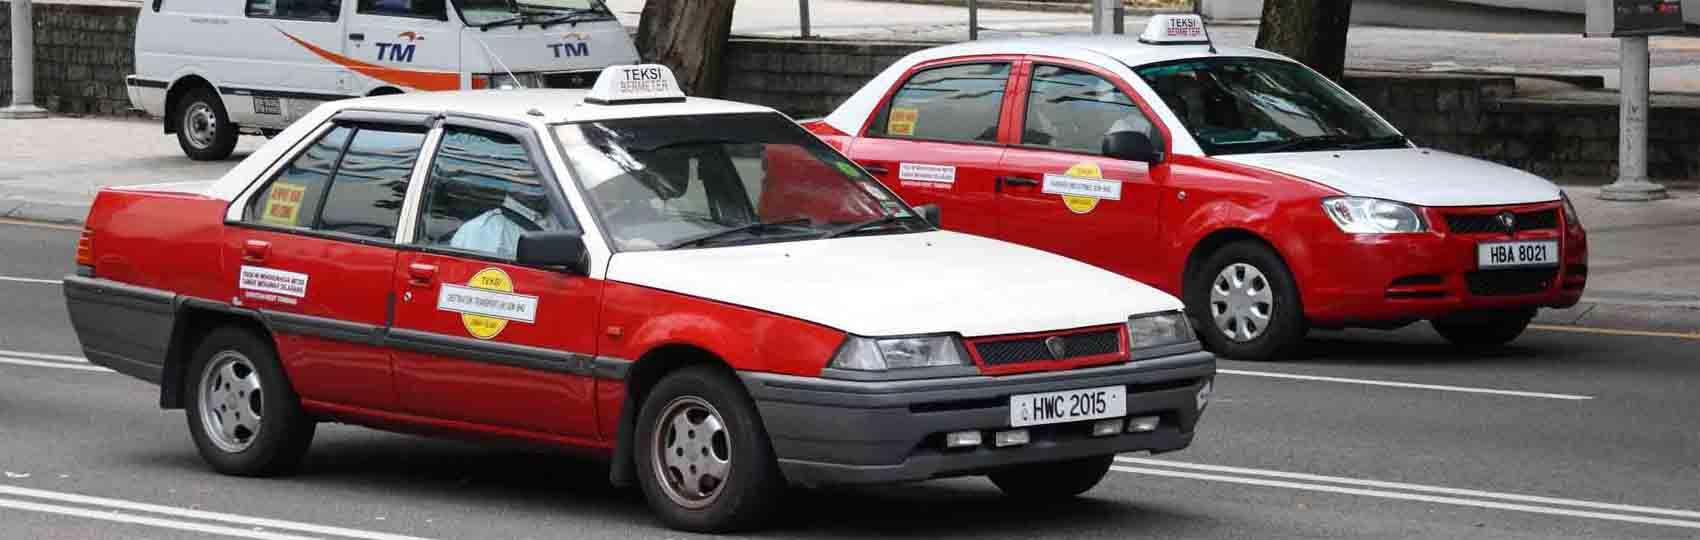 Noticias del sector del taxi y la movilidad en Malasia. Mantente informado de todas las noticias del taxi de Malasia en el grupo de Facebook de Todo Taxi.